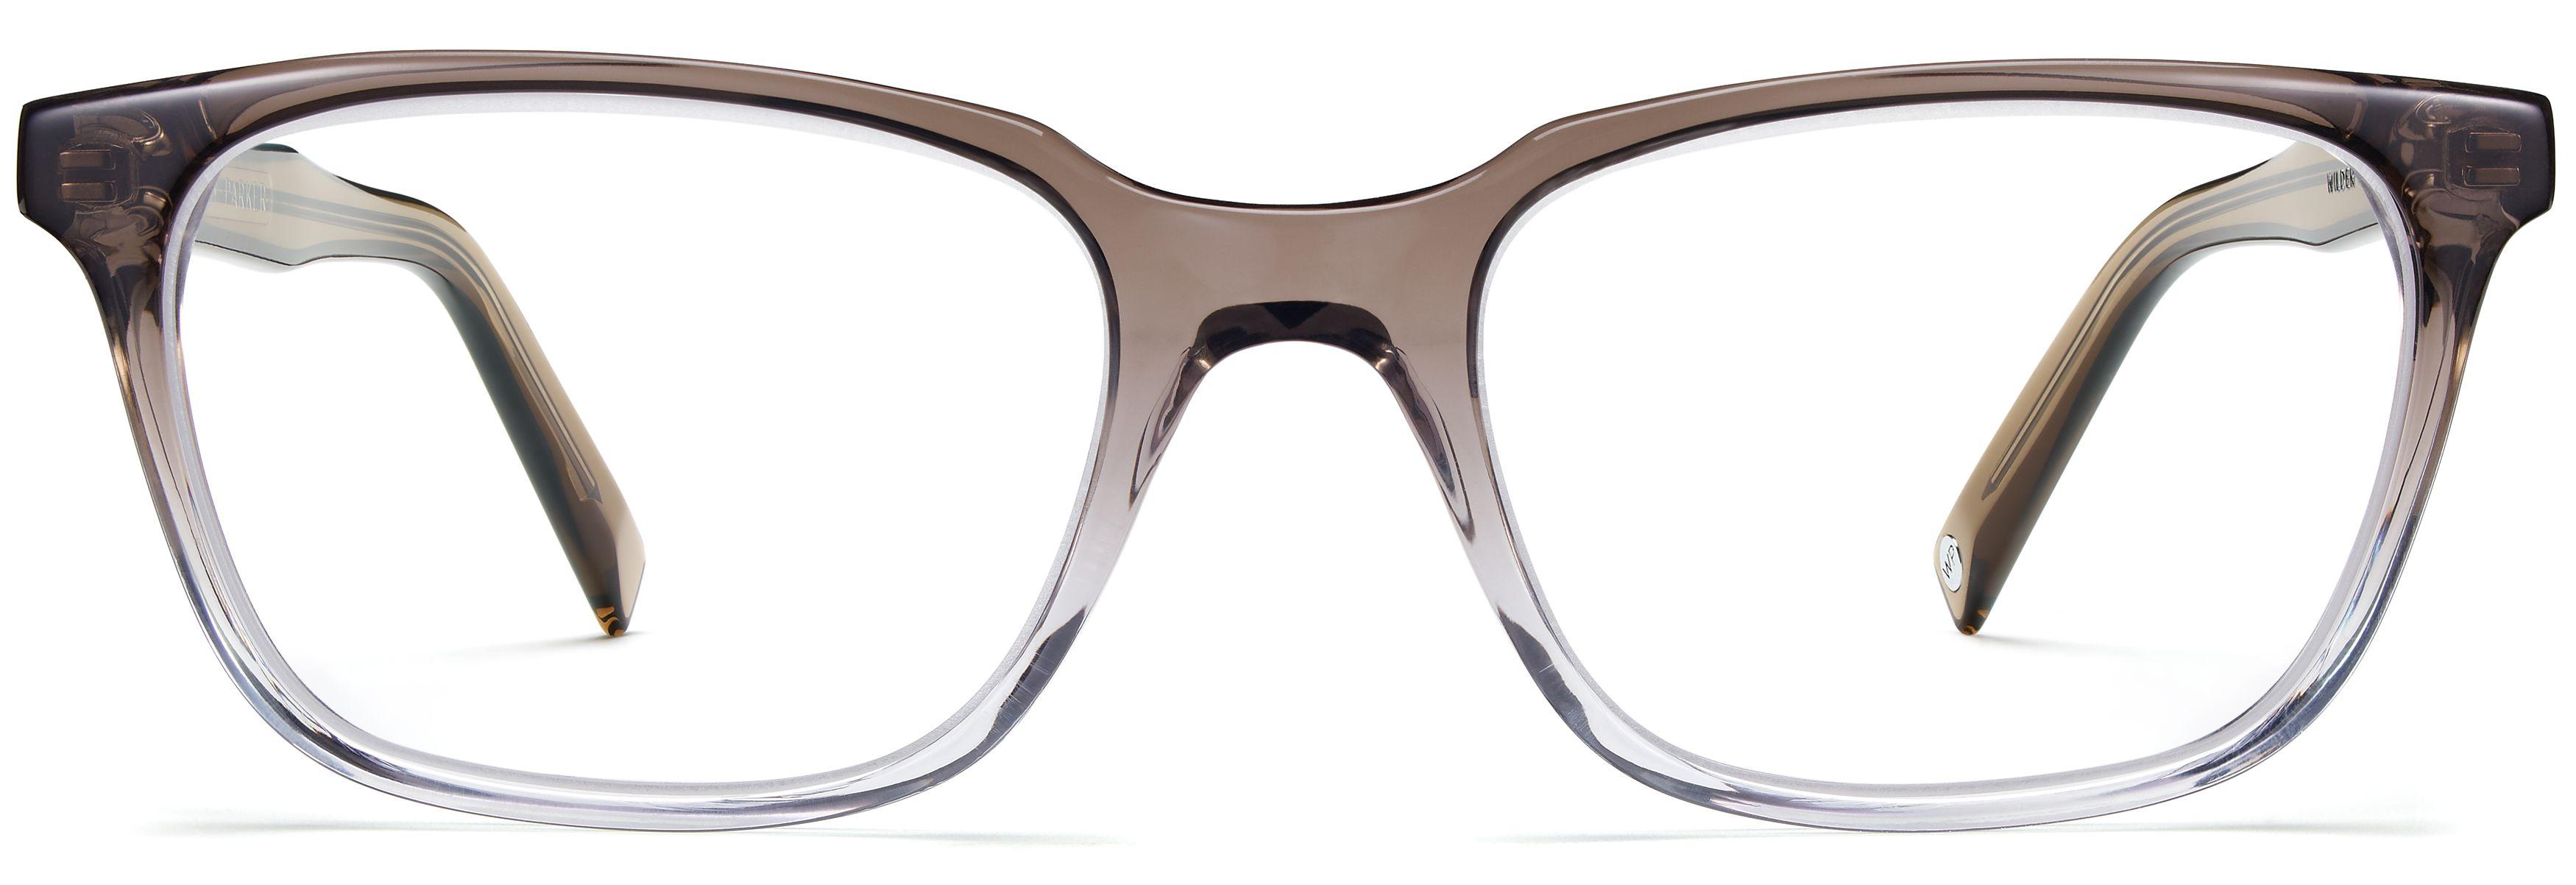 c4791017d7 Wilder Eyeglasses in Driftwood Fade for Women